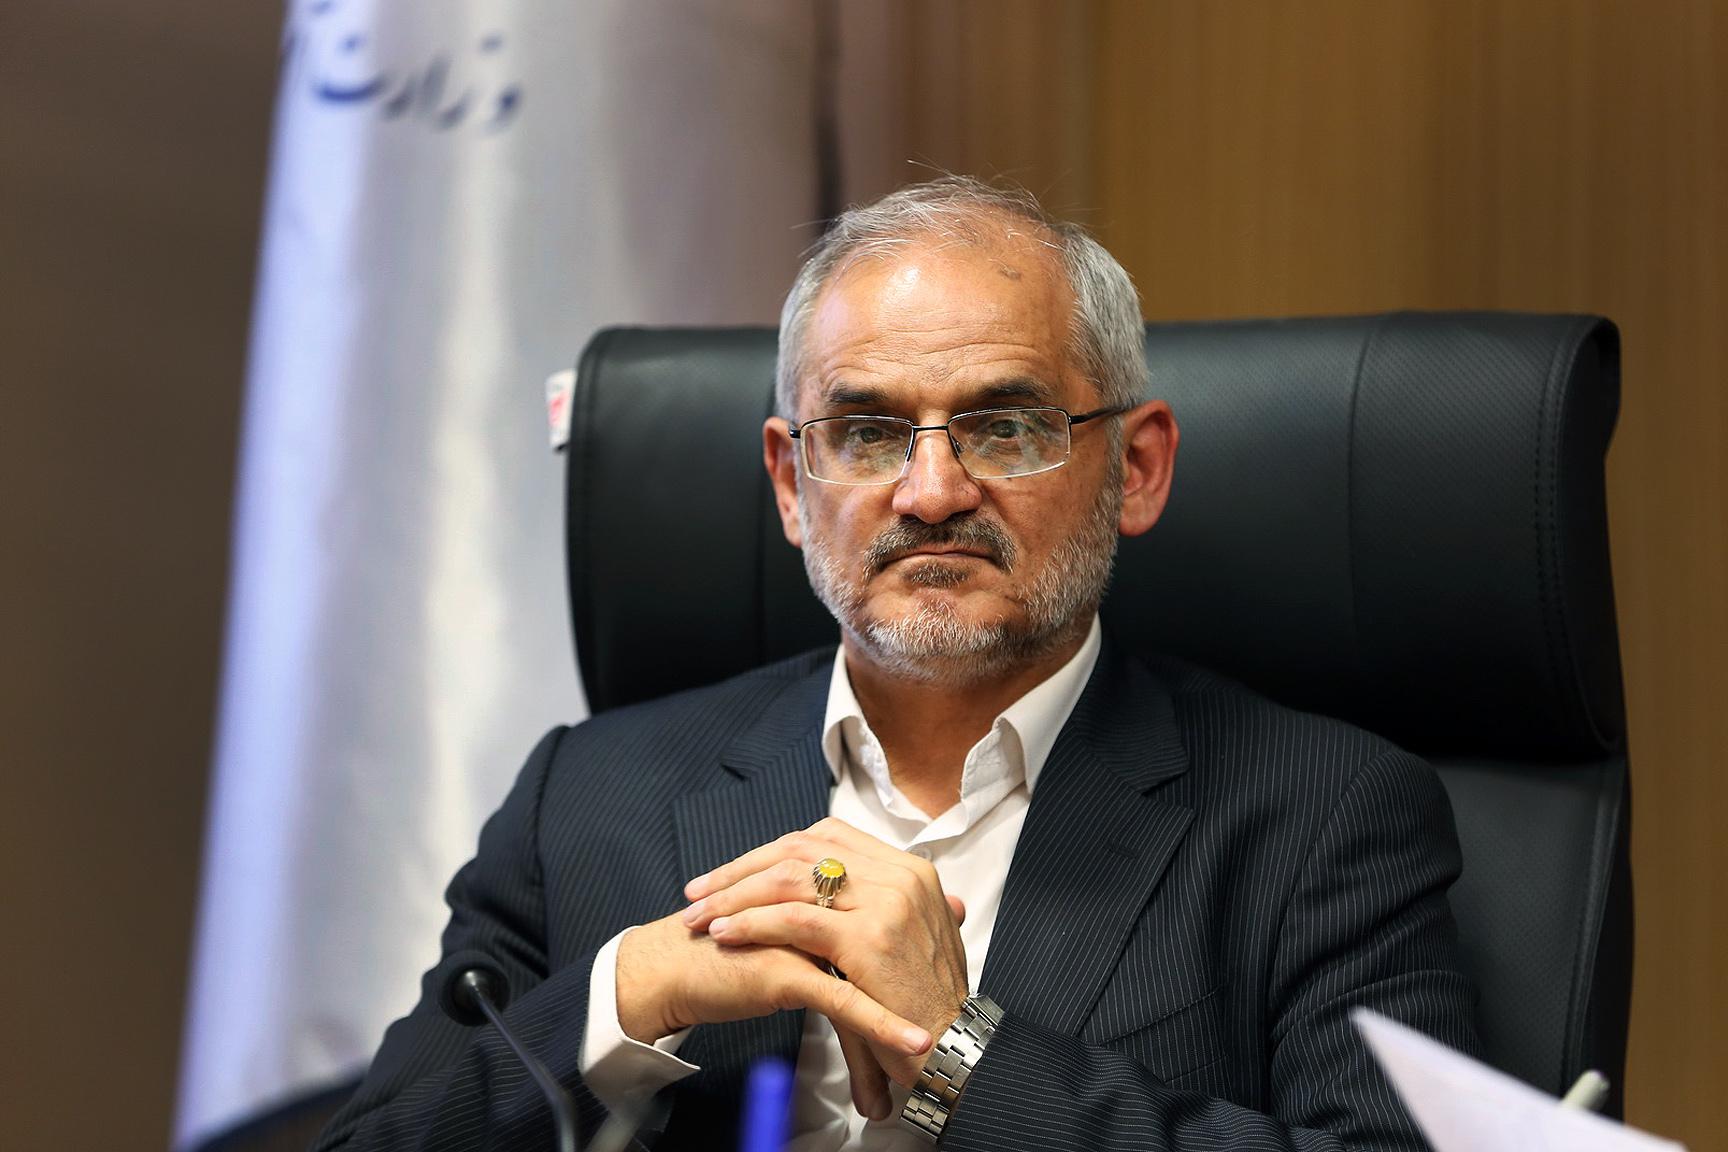 موضع وزیر آموزش و پرورش نسبت به ورود فرقههای مختلف در مدارس